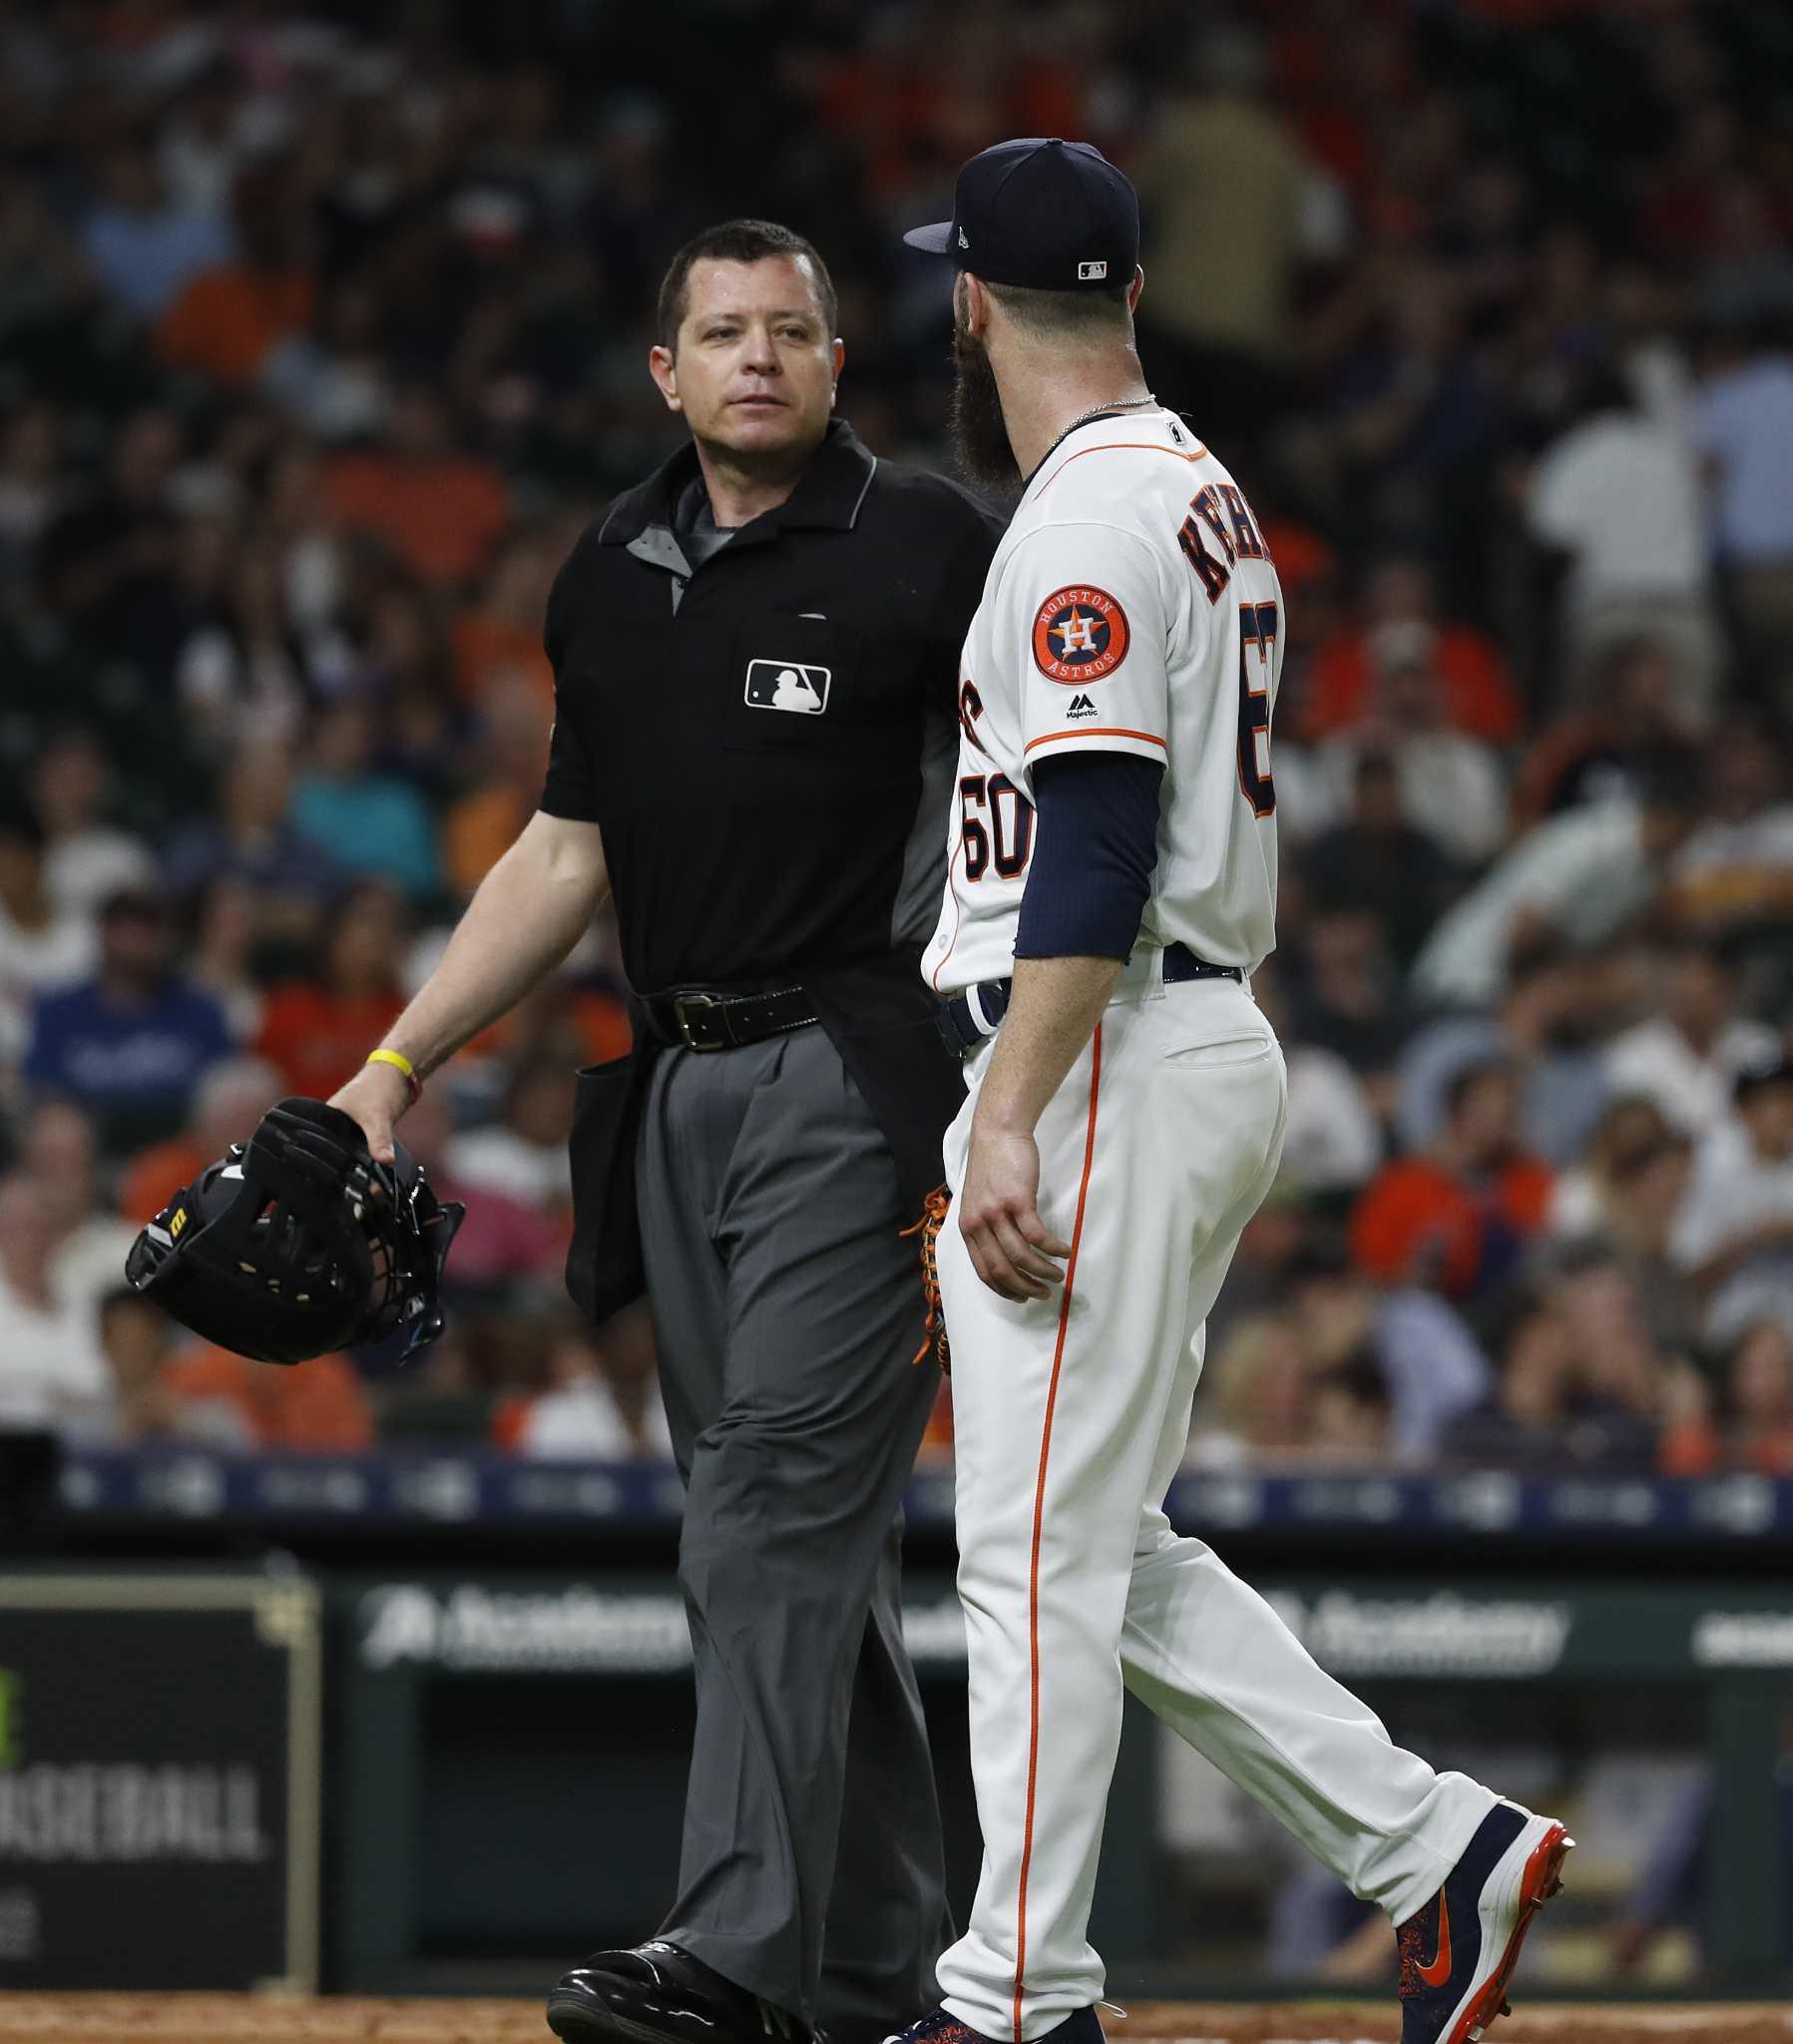 Dallas Keuchel Struggles In Astros Loss To Mariners